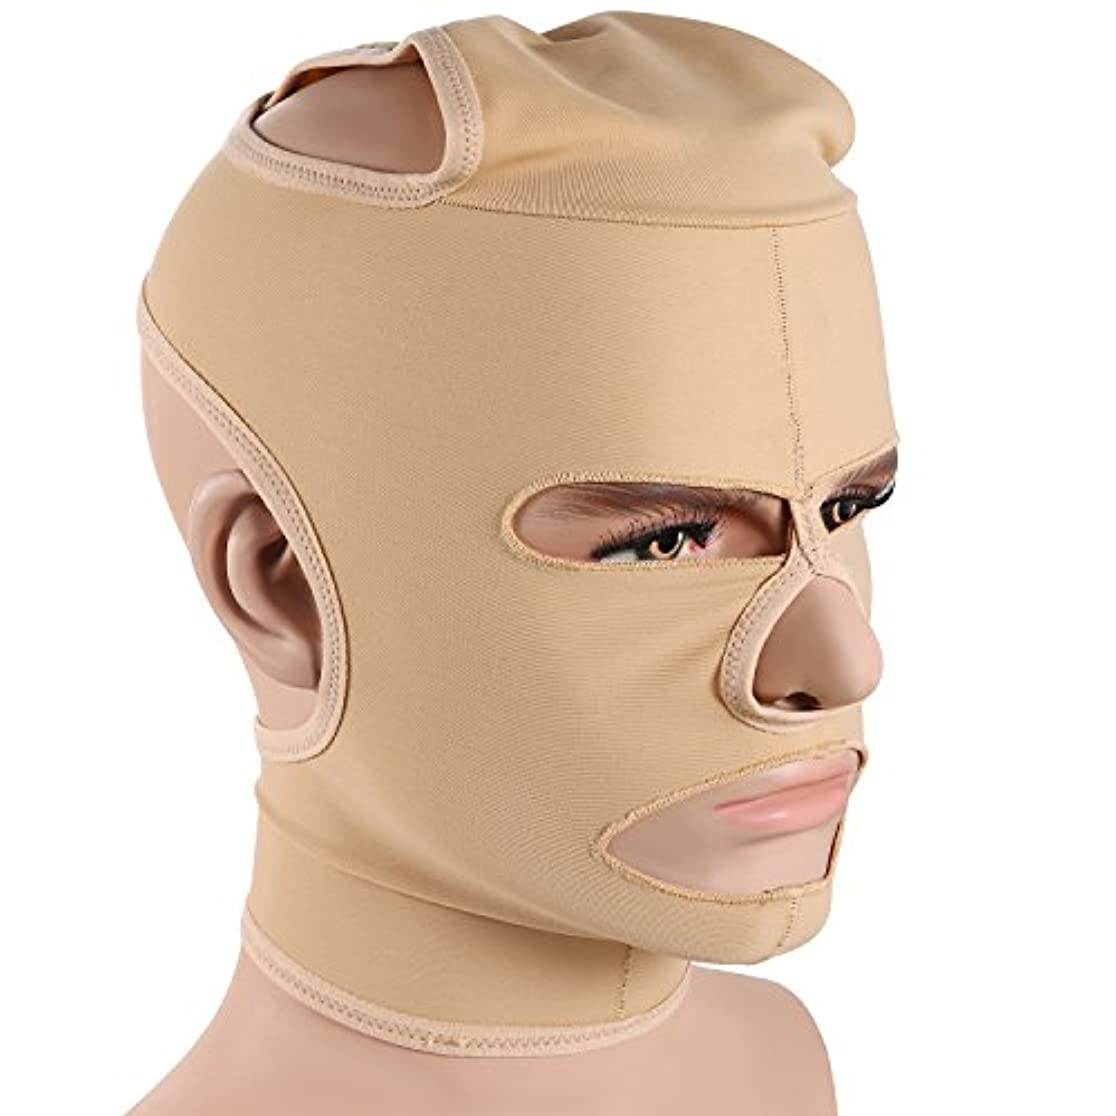 憂鬱な私のクモJewelryWe 小顔補正マスク 小顔ベルト 法令線予防 シワ防止 美顔 額、顎下、頬リフトアップ 男女兼用 Mサイズ